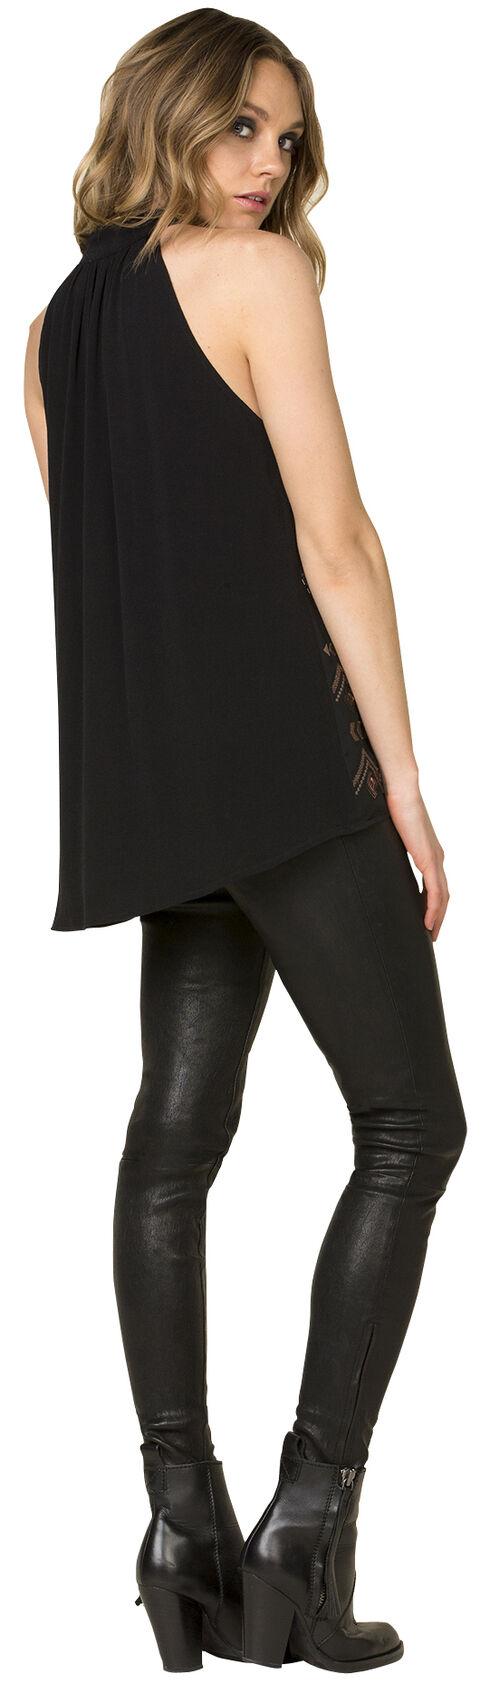 Miss Me Women's Black Sequin Halter Top , Black, hi-res